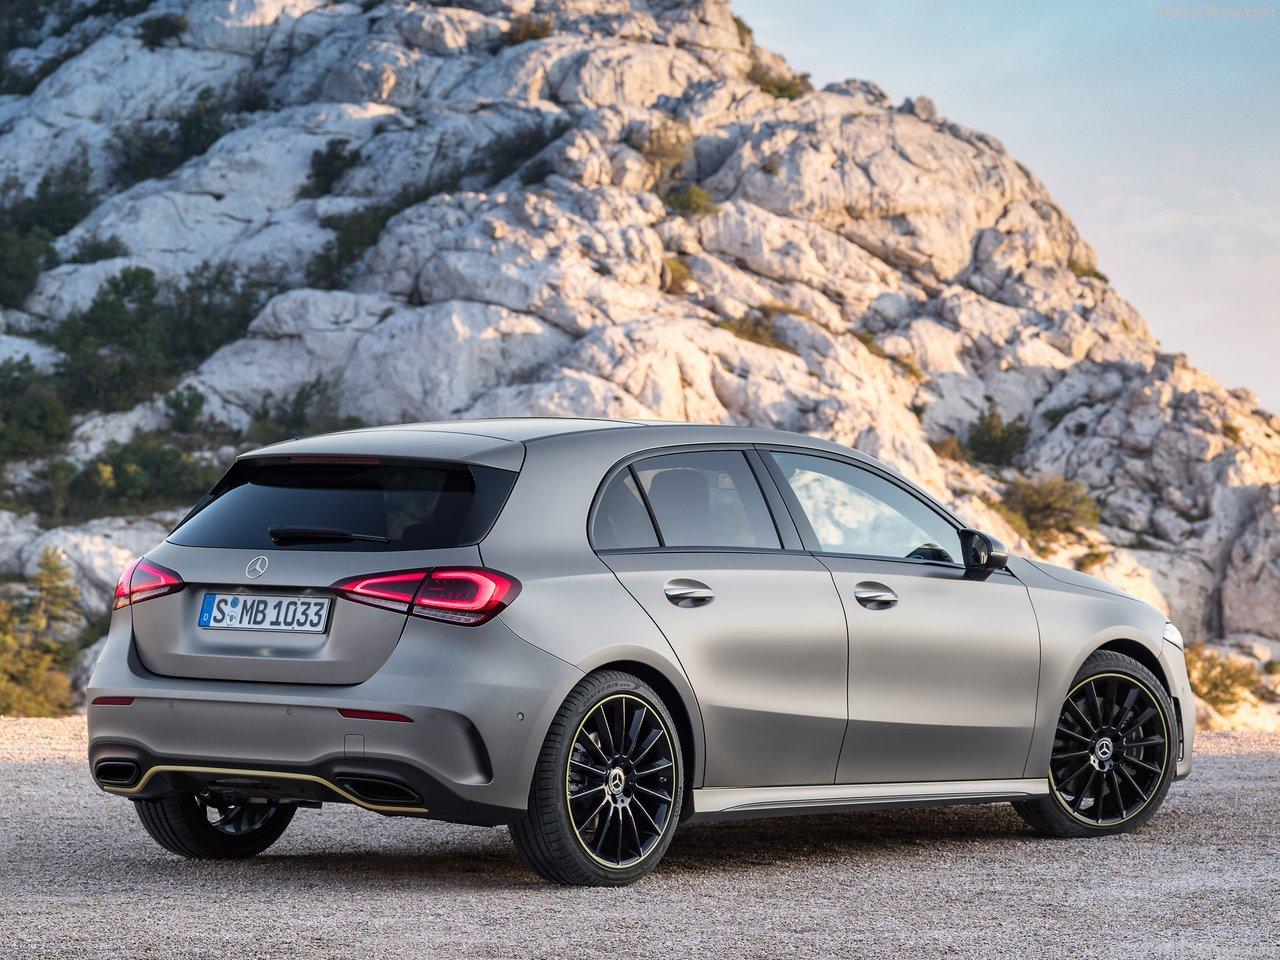 Mercedes-Benz-A-Class-2019-1280-1a.jpg